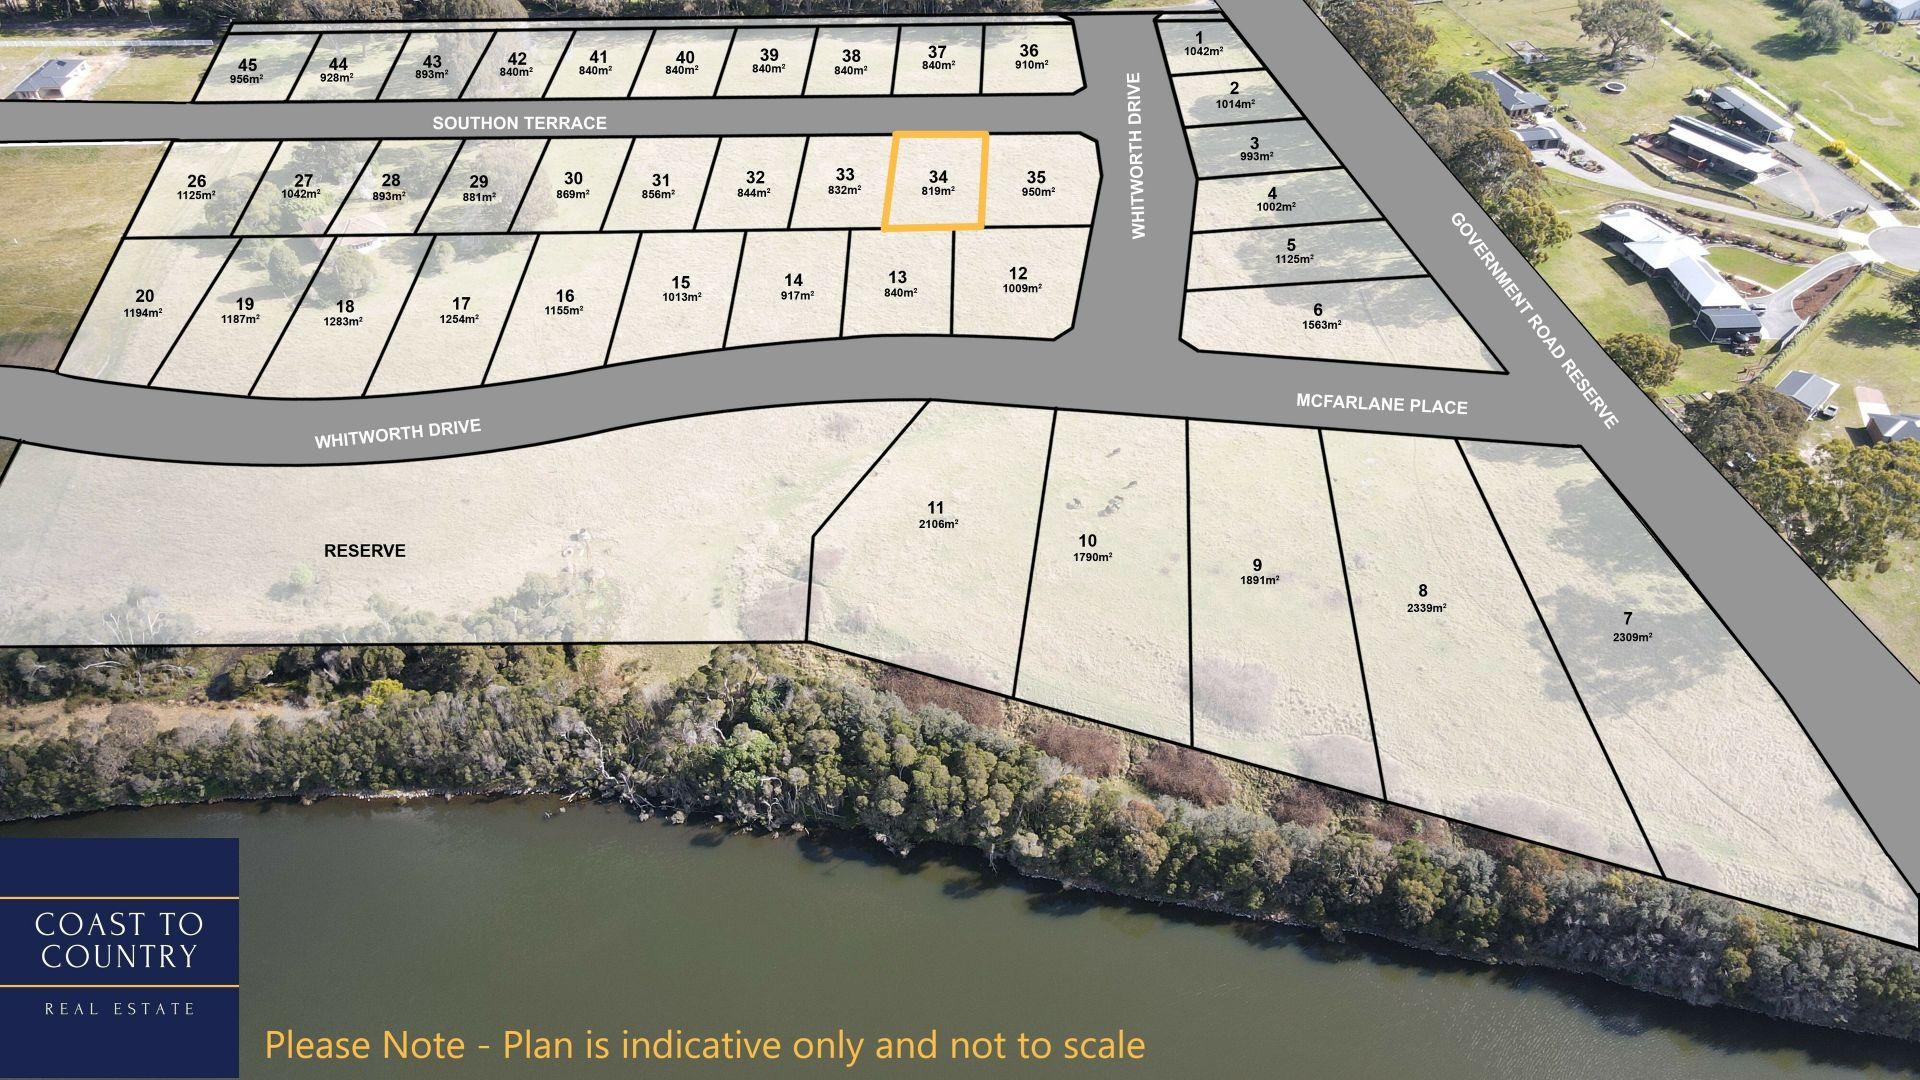 Lot 34 Southon Terrace, Nicholson VIC 3882, Image 2